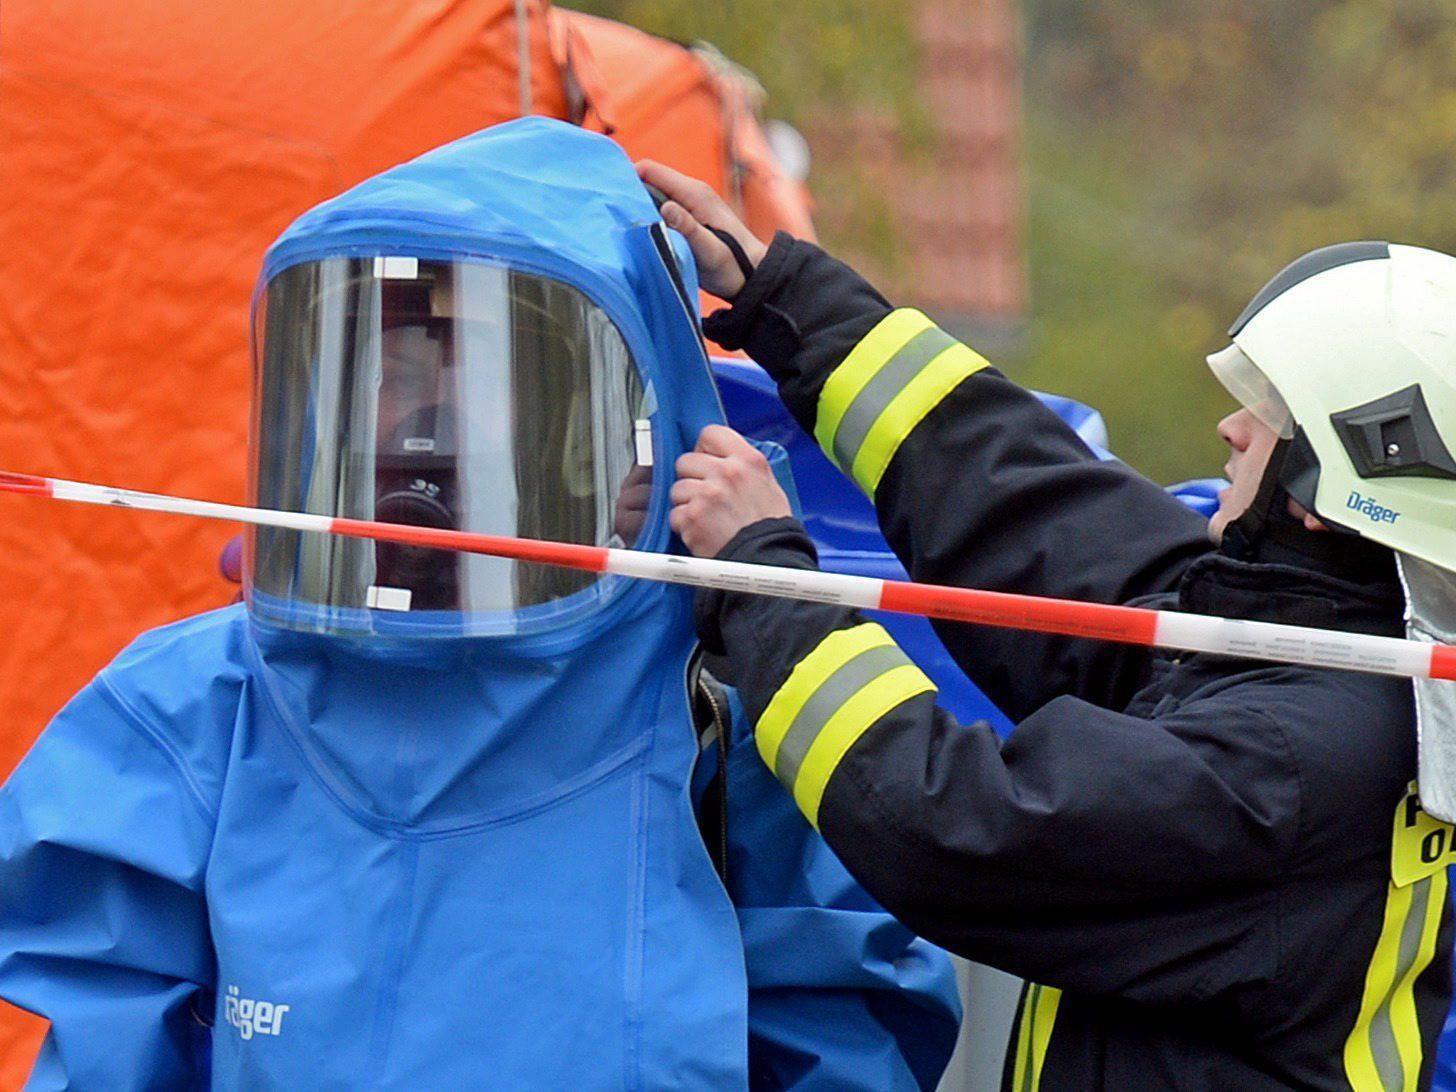 Norwegen möchte die Chemiewaffen nicht auf seinem Boden zerstören, da nicht genugend Kapazität vorhanden ist.